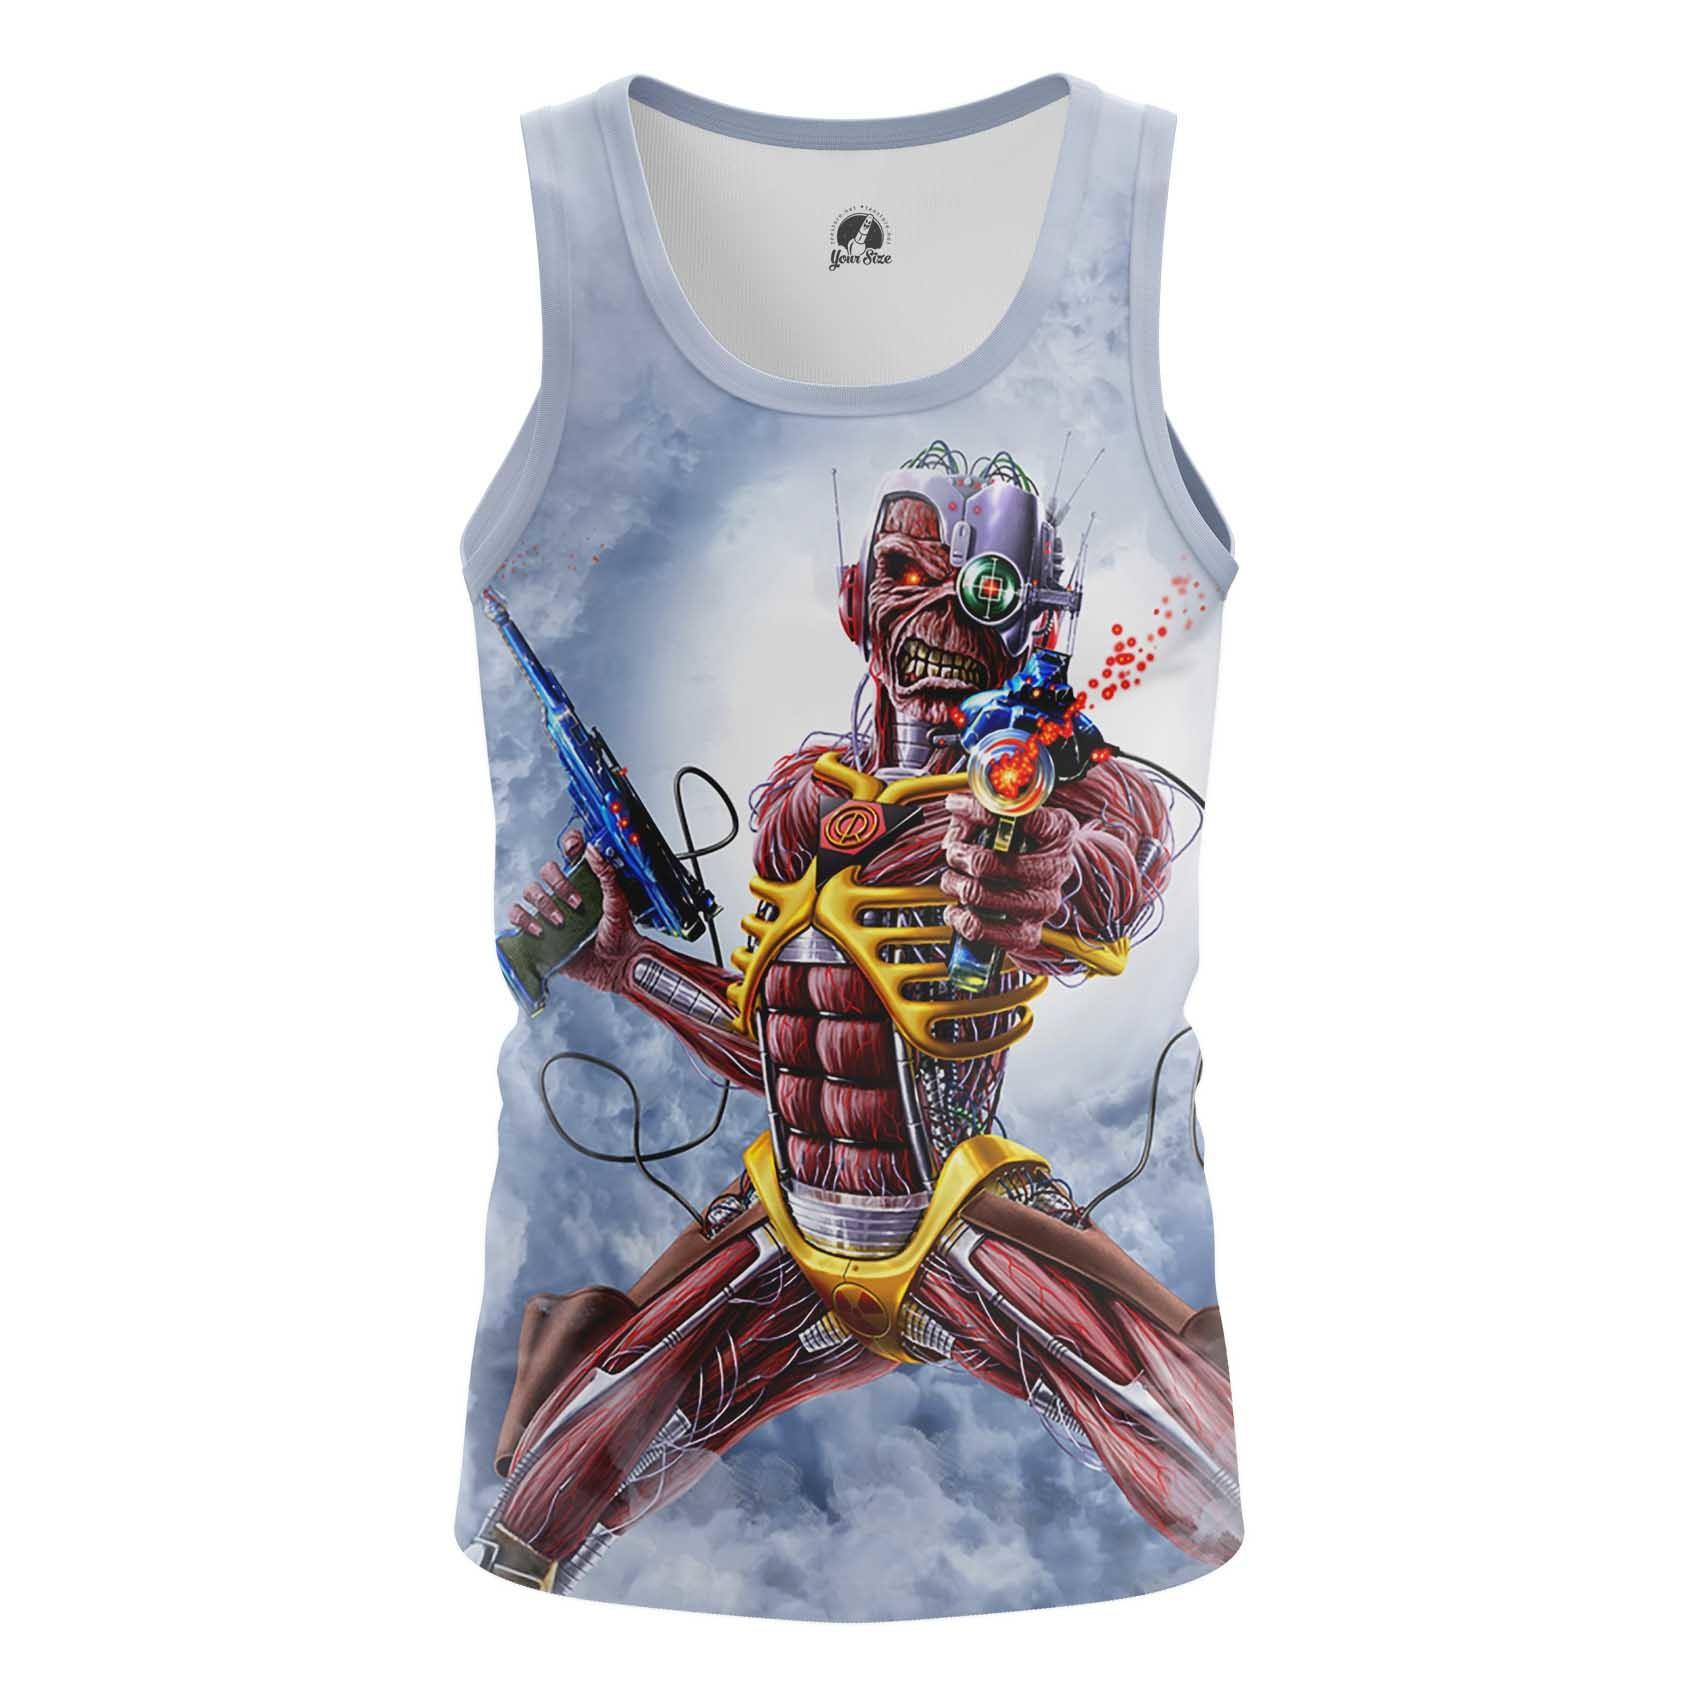 Merchandise Men'S T-Shirt Iron Maiden Fan Art Cover